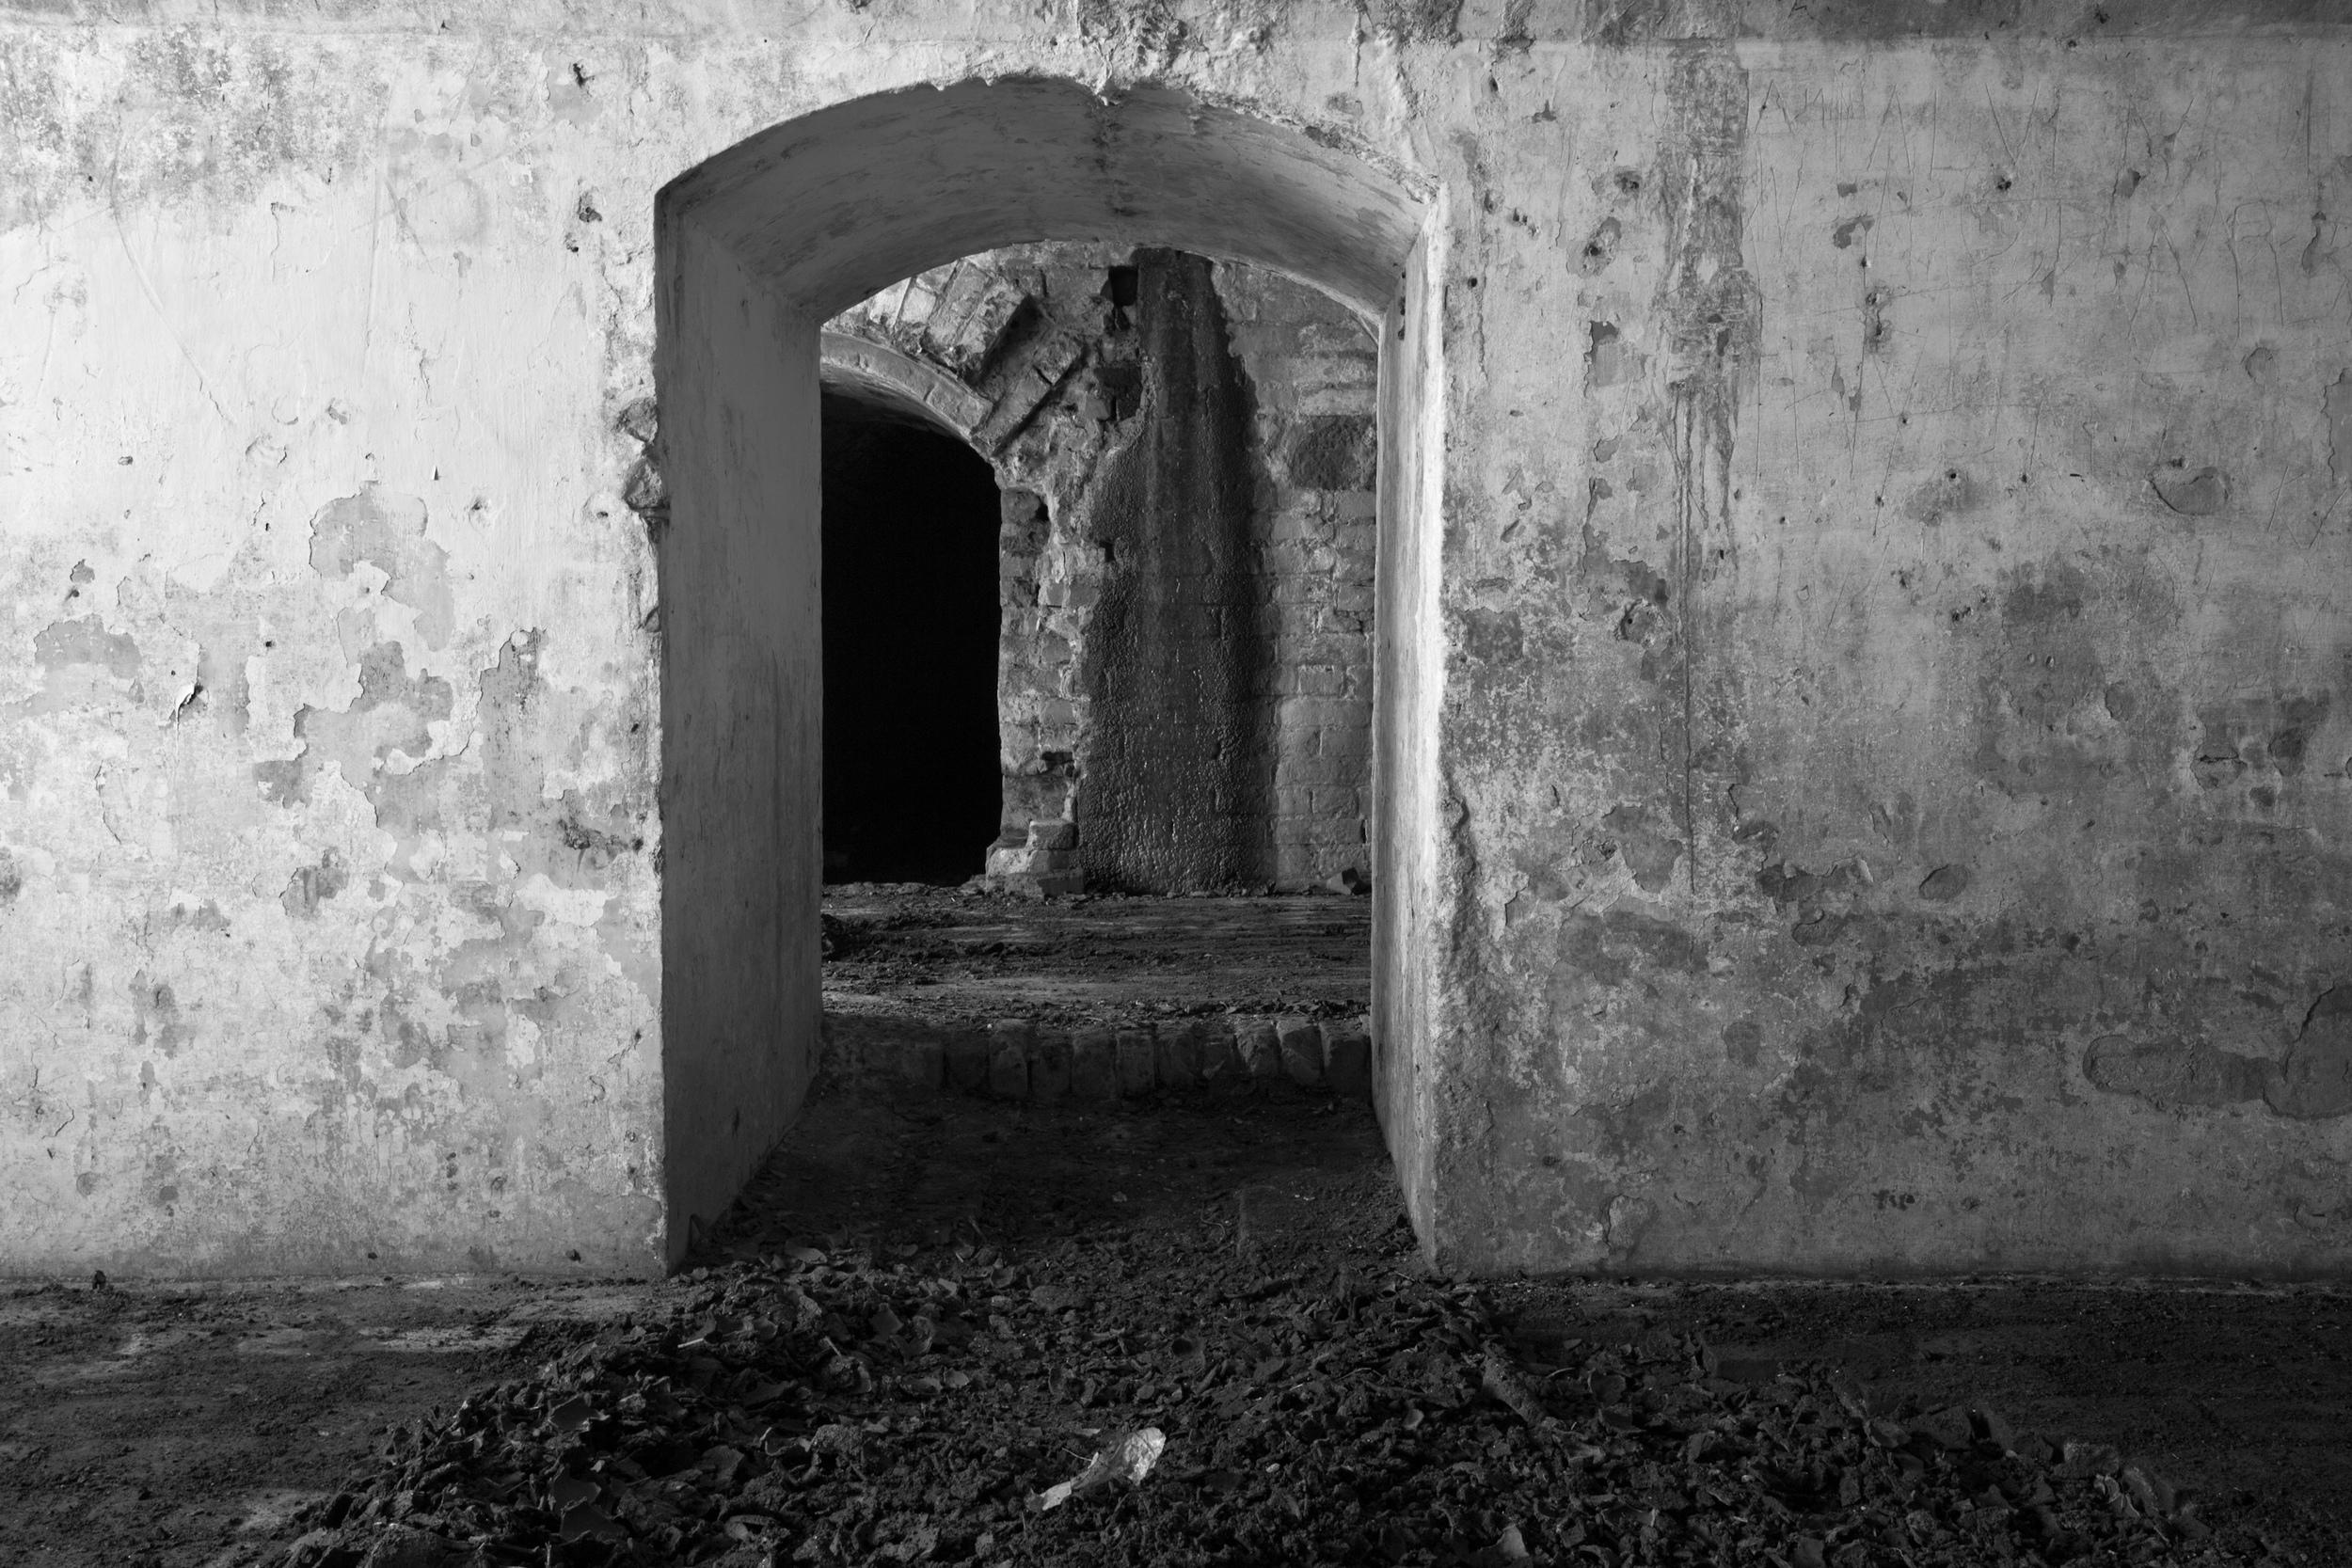 Interior Casemate